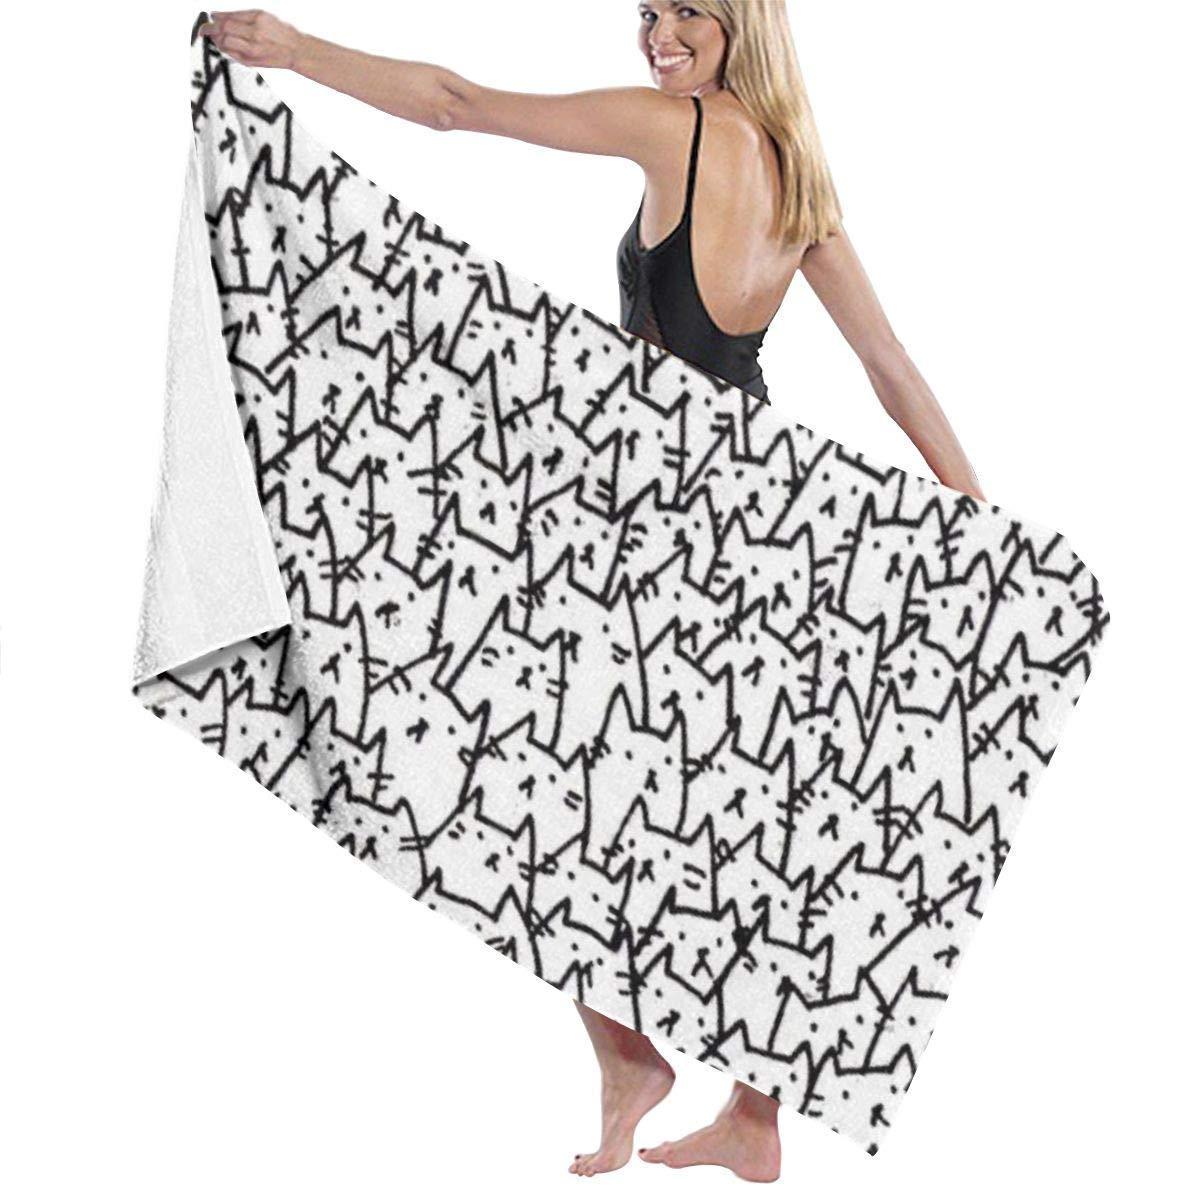 80x130 cm Moto tyui7 Bain de Serviette de Bain pour Femme Wraple Travel Wraps de Serviette de Plage /à s/échage Rapide pour Femmes 1c